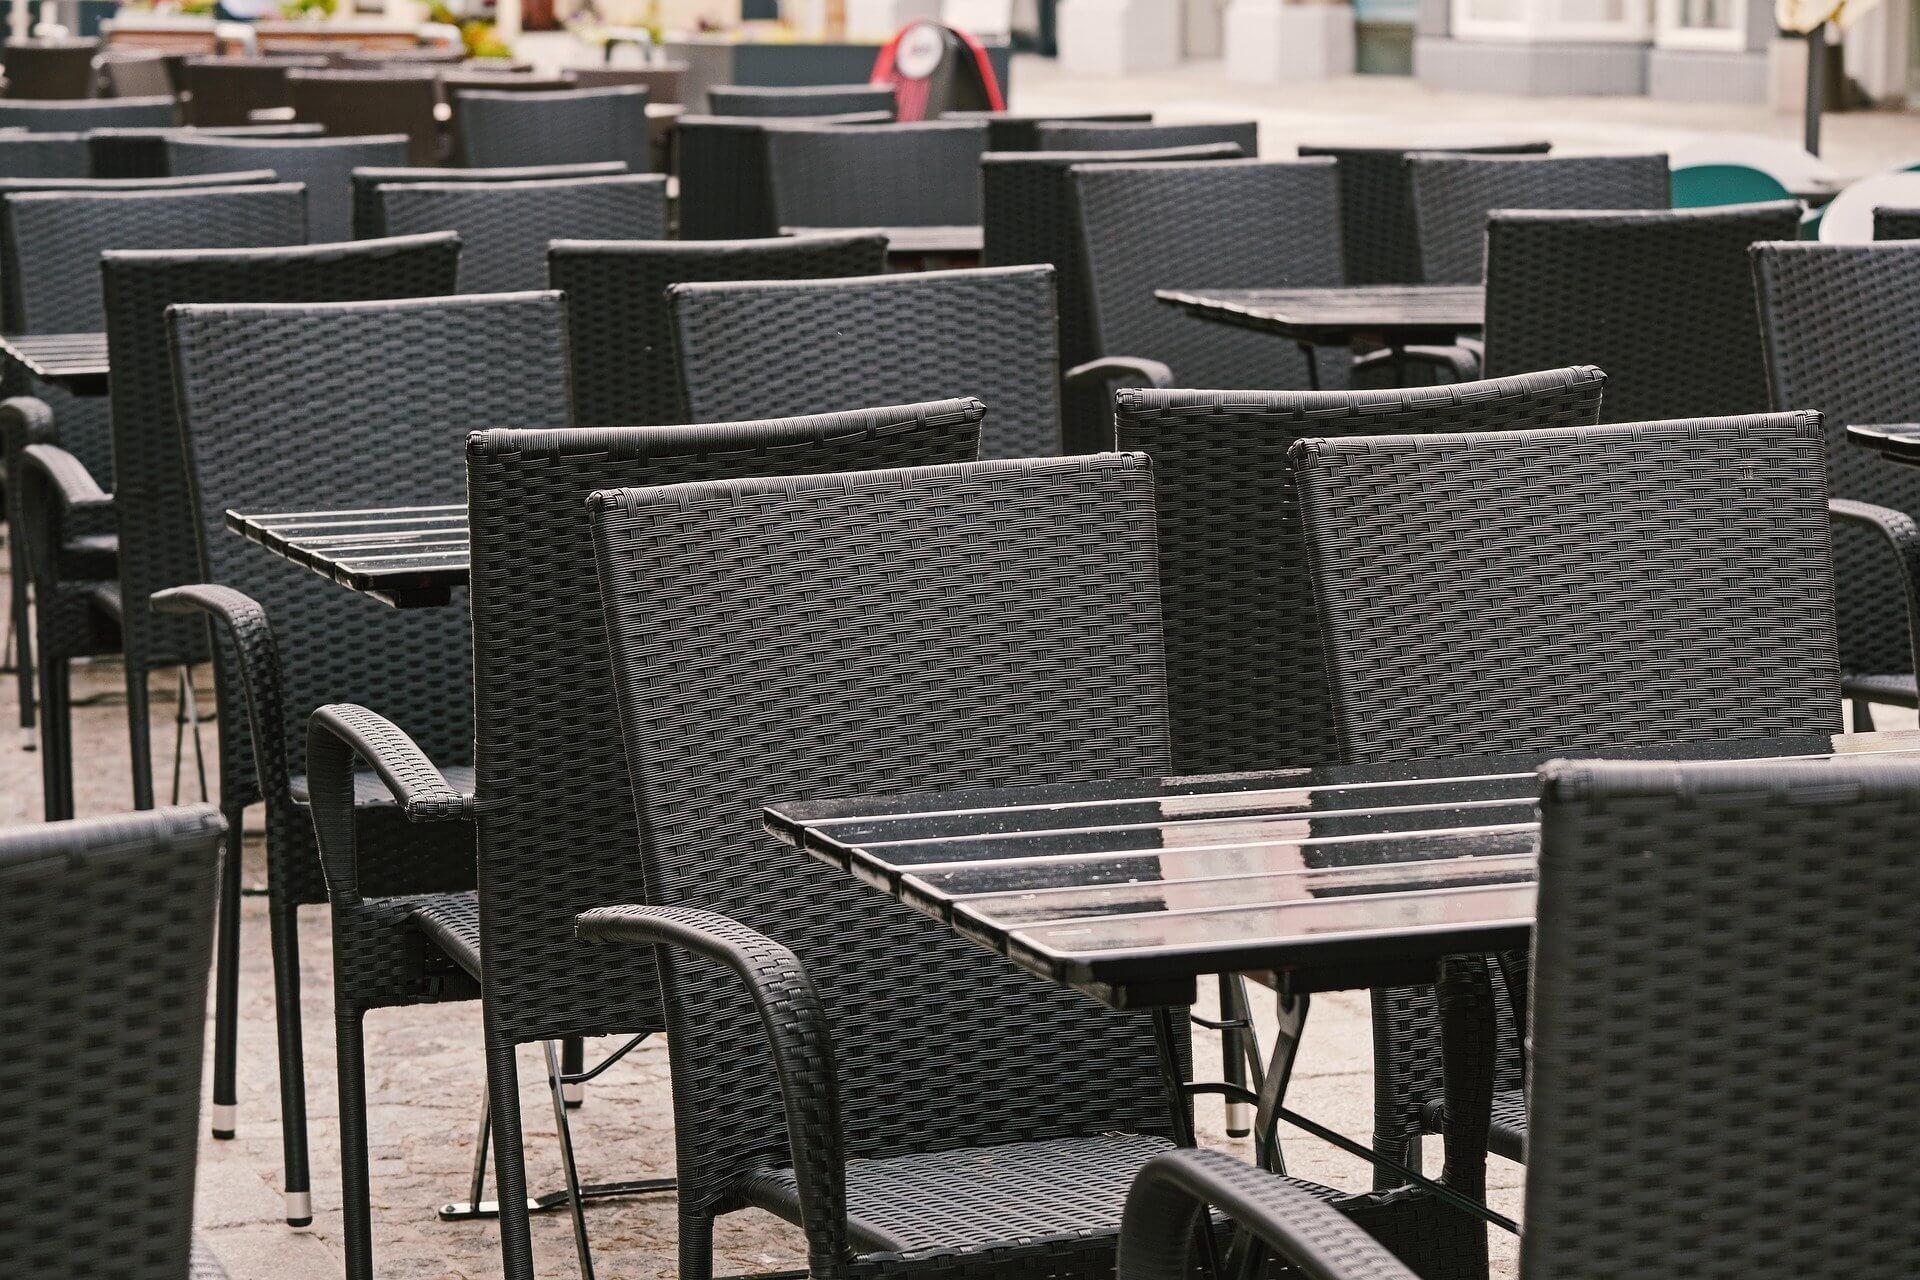 Assurer la sécurité des collaborateurs et des clients au restaurant